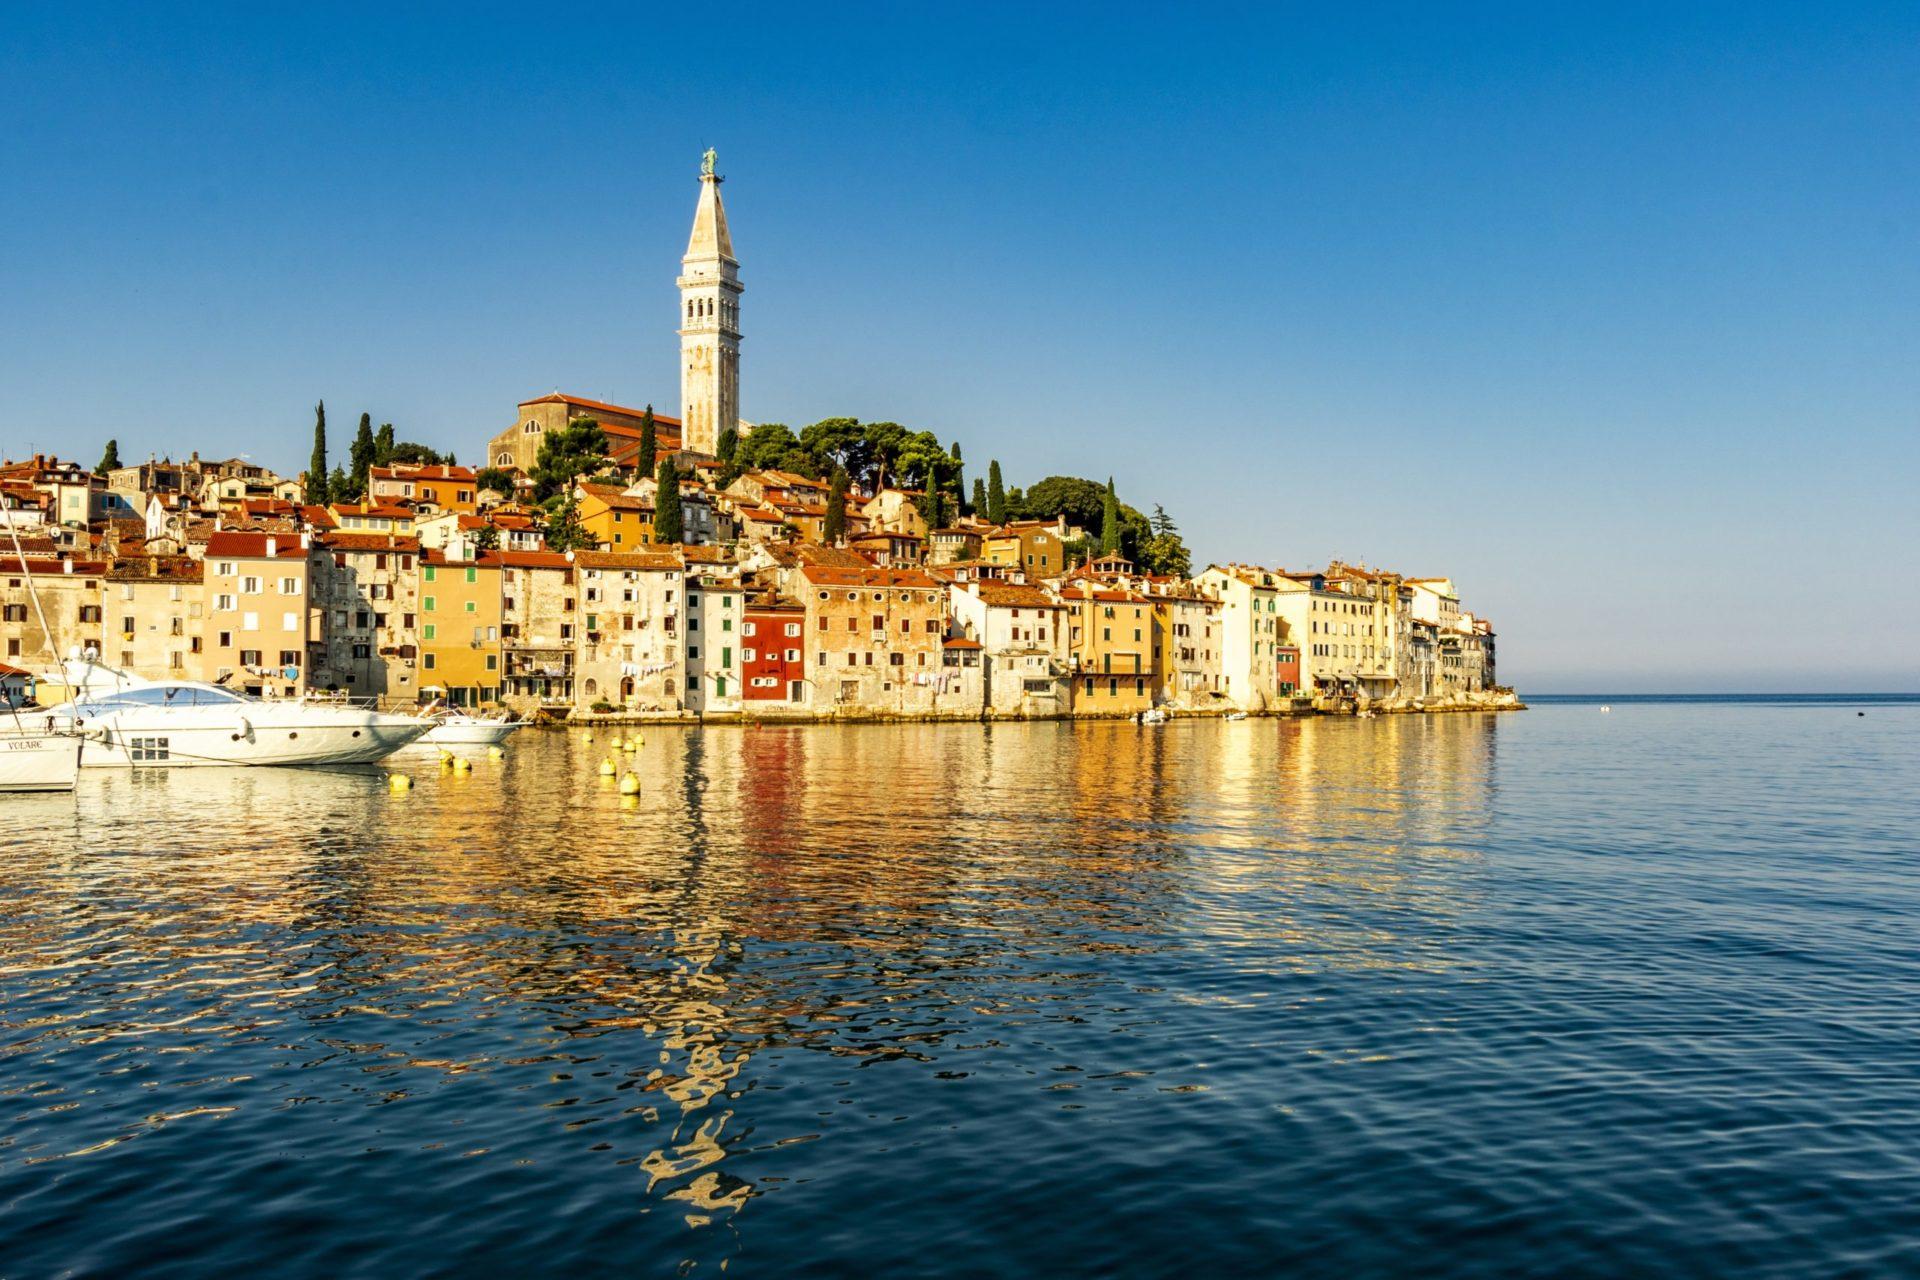 Wassertemperatur Rovinj: Altstadt von Rovinj auf Landzunge im Meer mit Kirche der Heiligen Euphemia (Santa Eufemia)